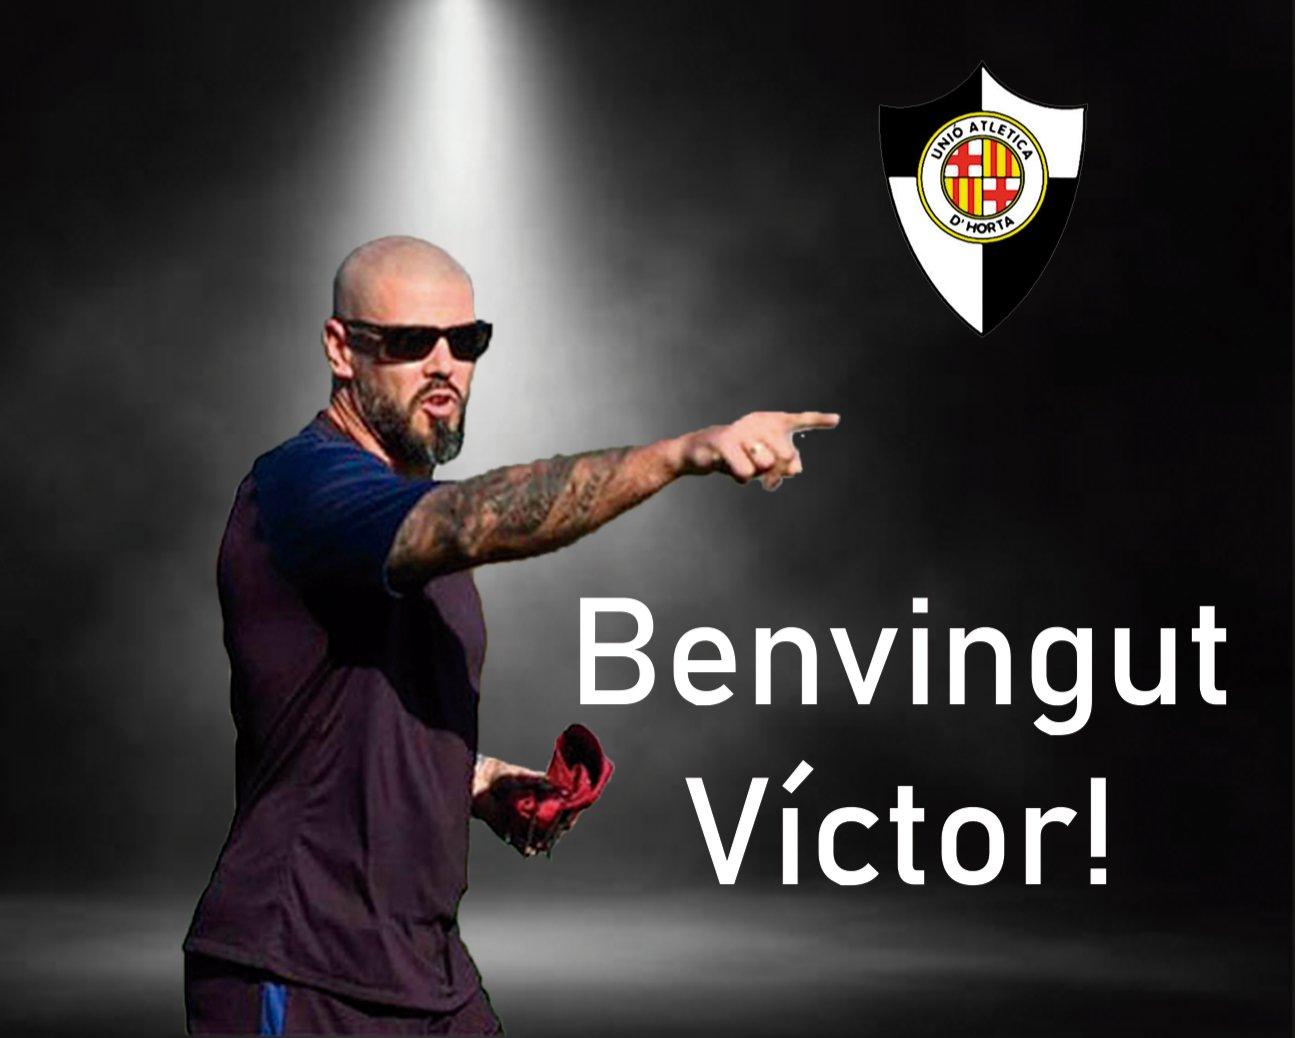 官方:前巴萨门将巴尔德斯执教西班牙第四级别俱乐部